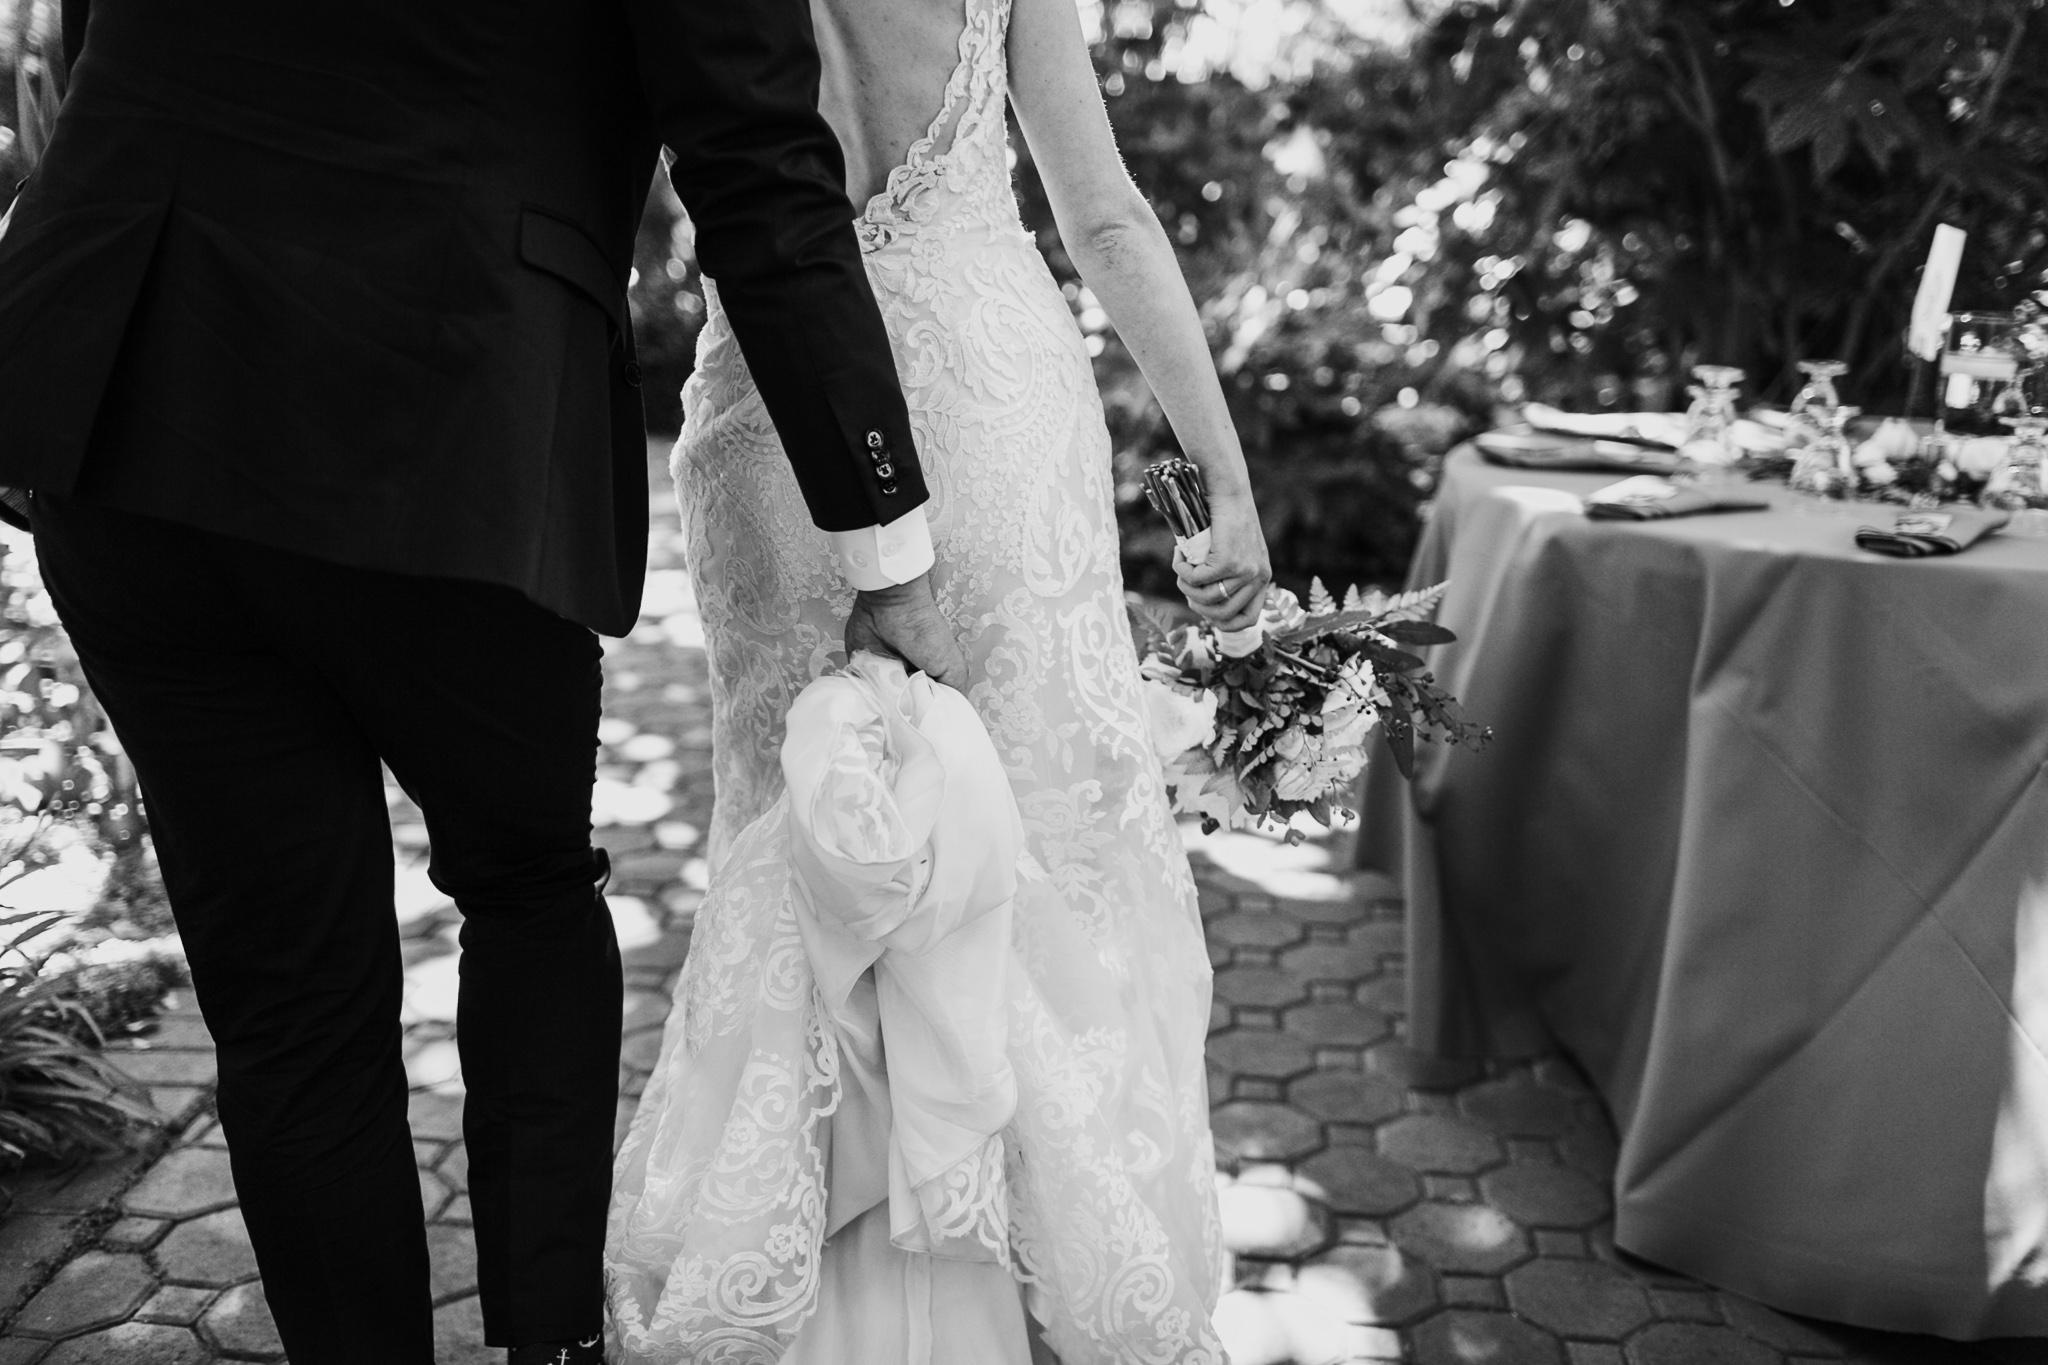 BayArea-Wedding-Photographer-30.jpg